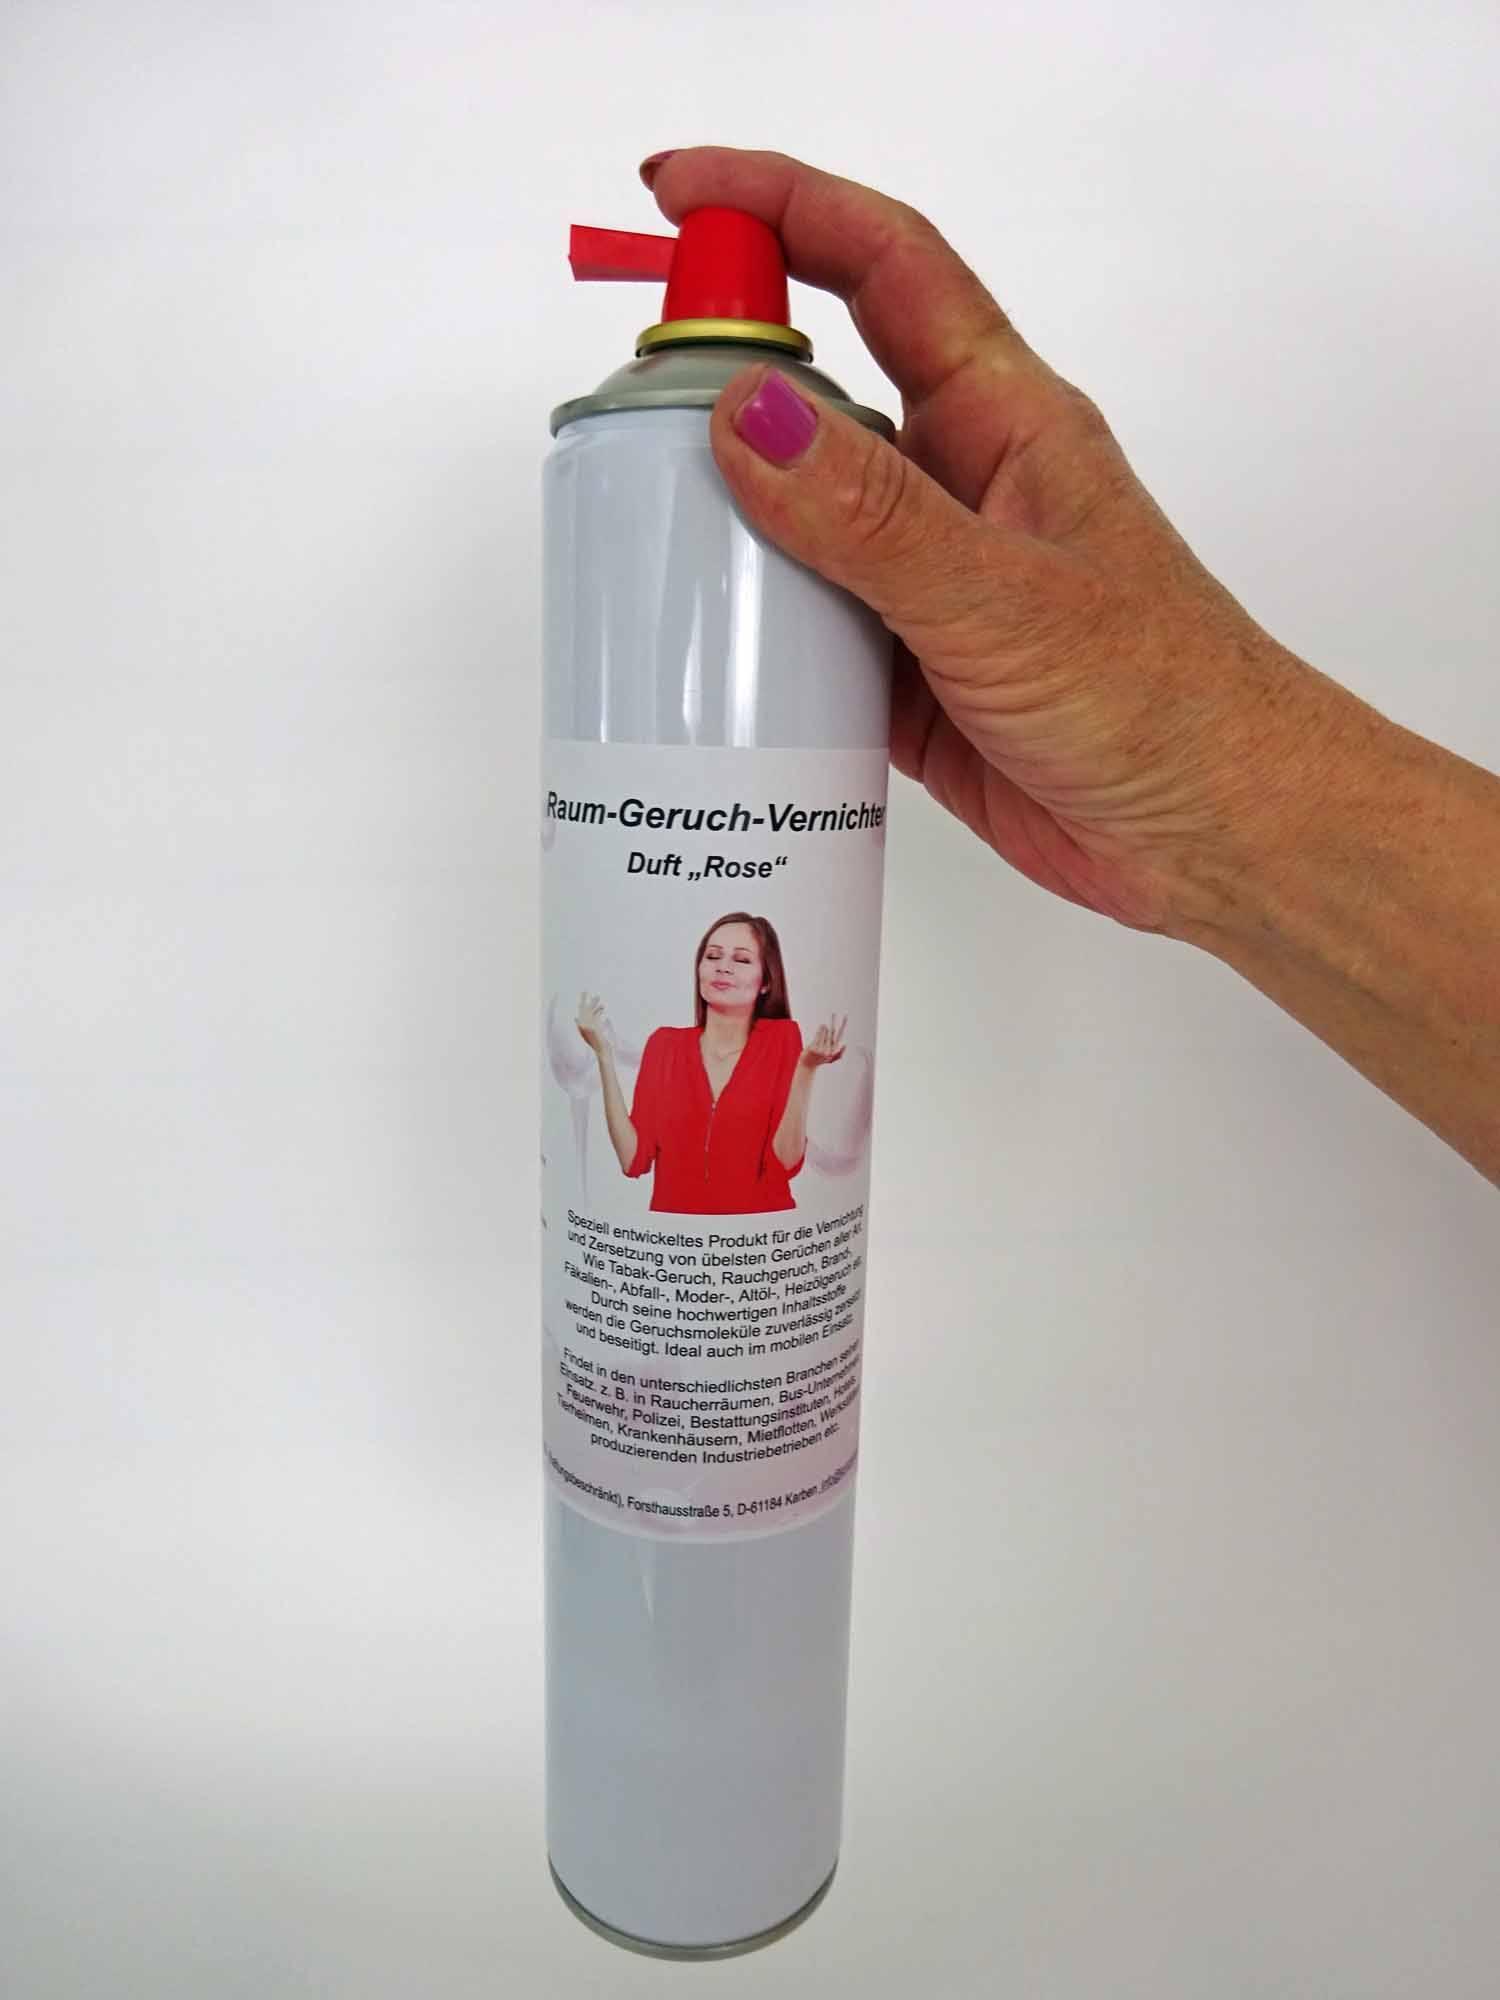 Raum Geruchsentferner Spray für Pflegedienst und häusliche Pflege -duft im Raum